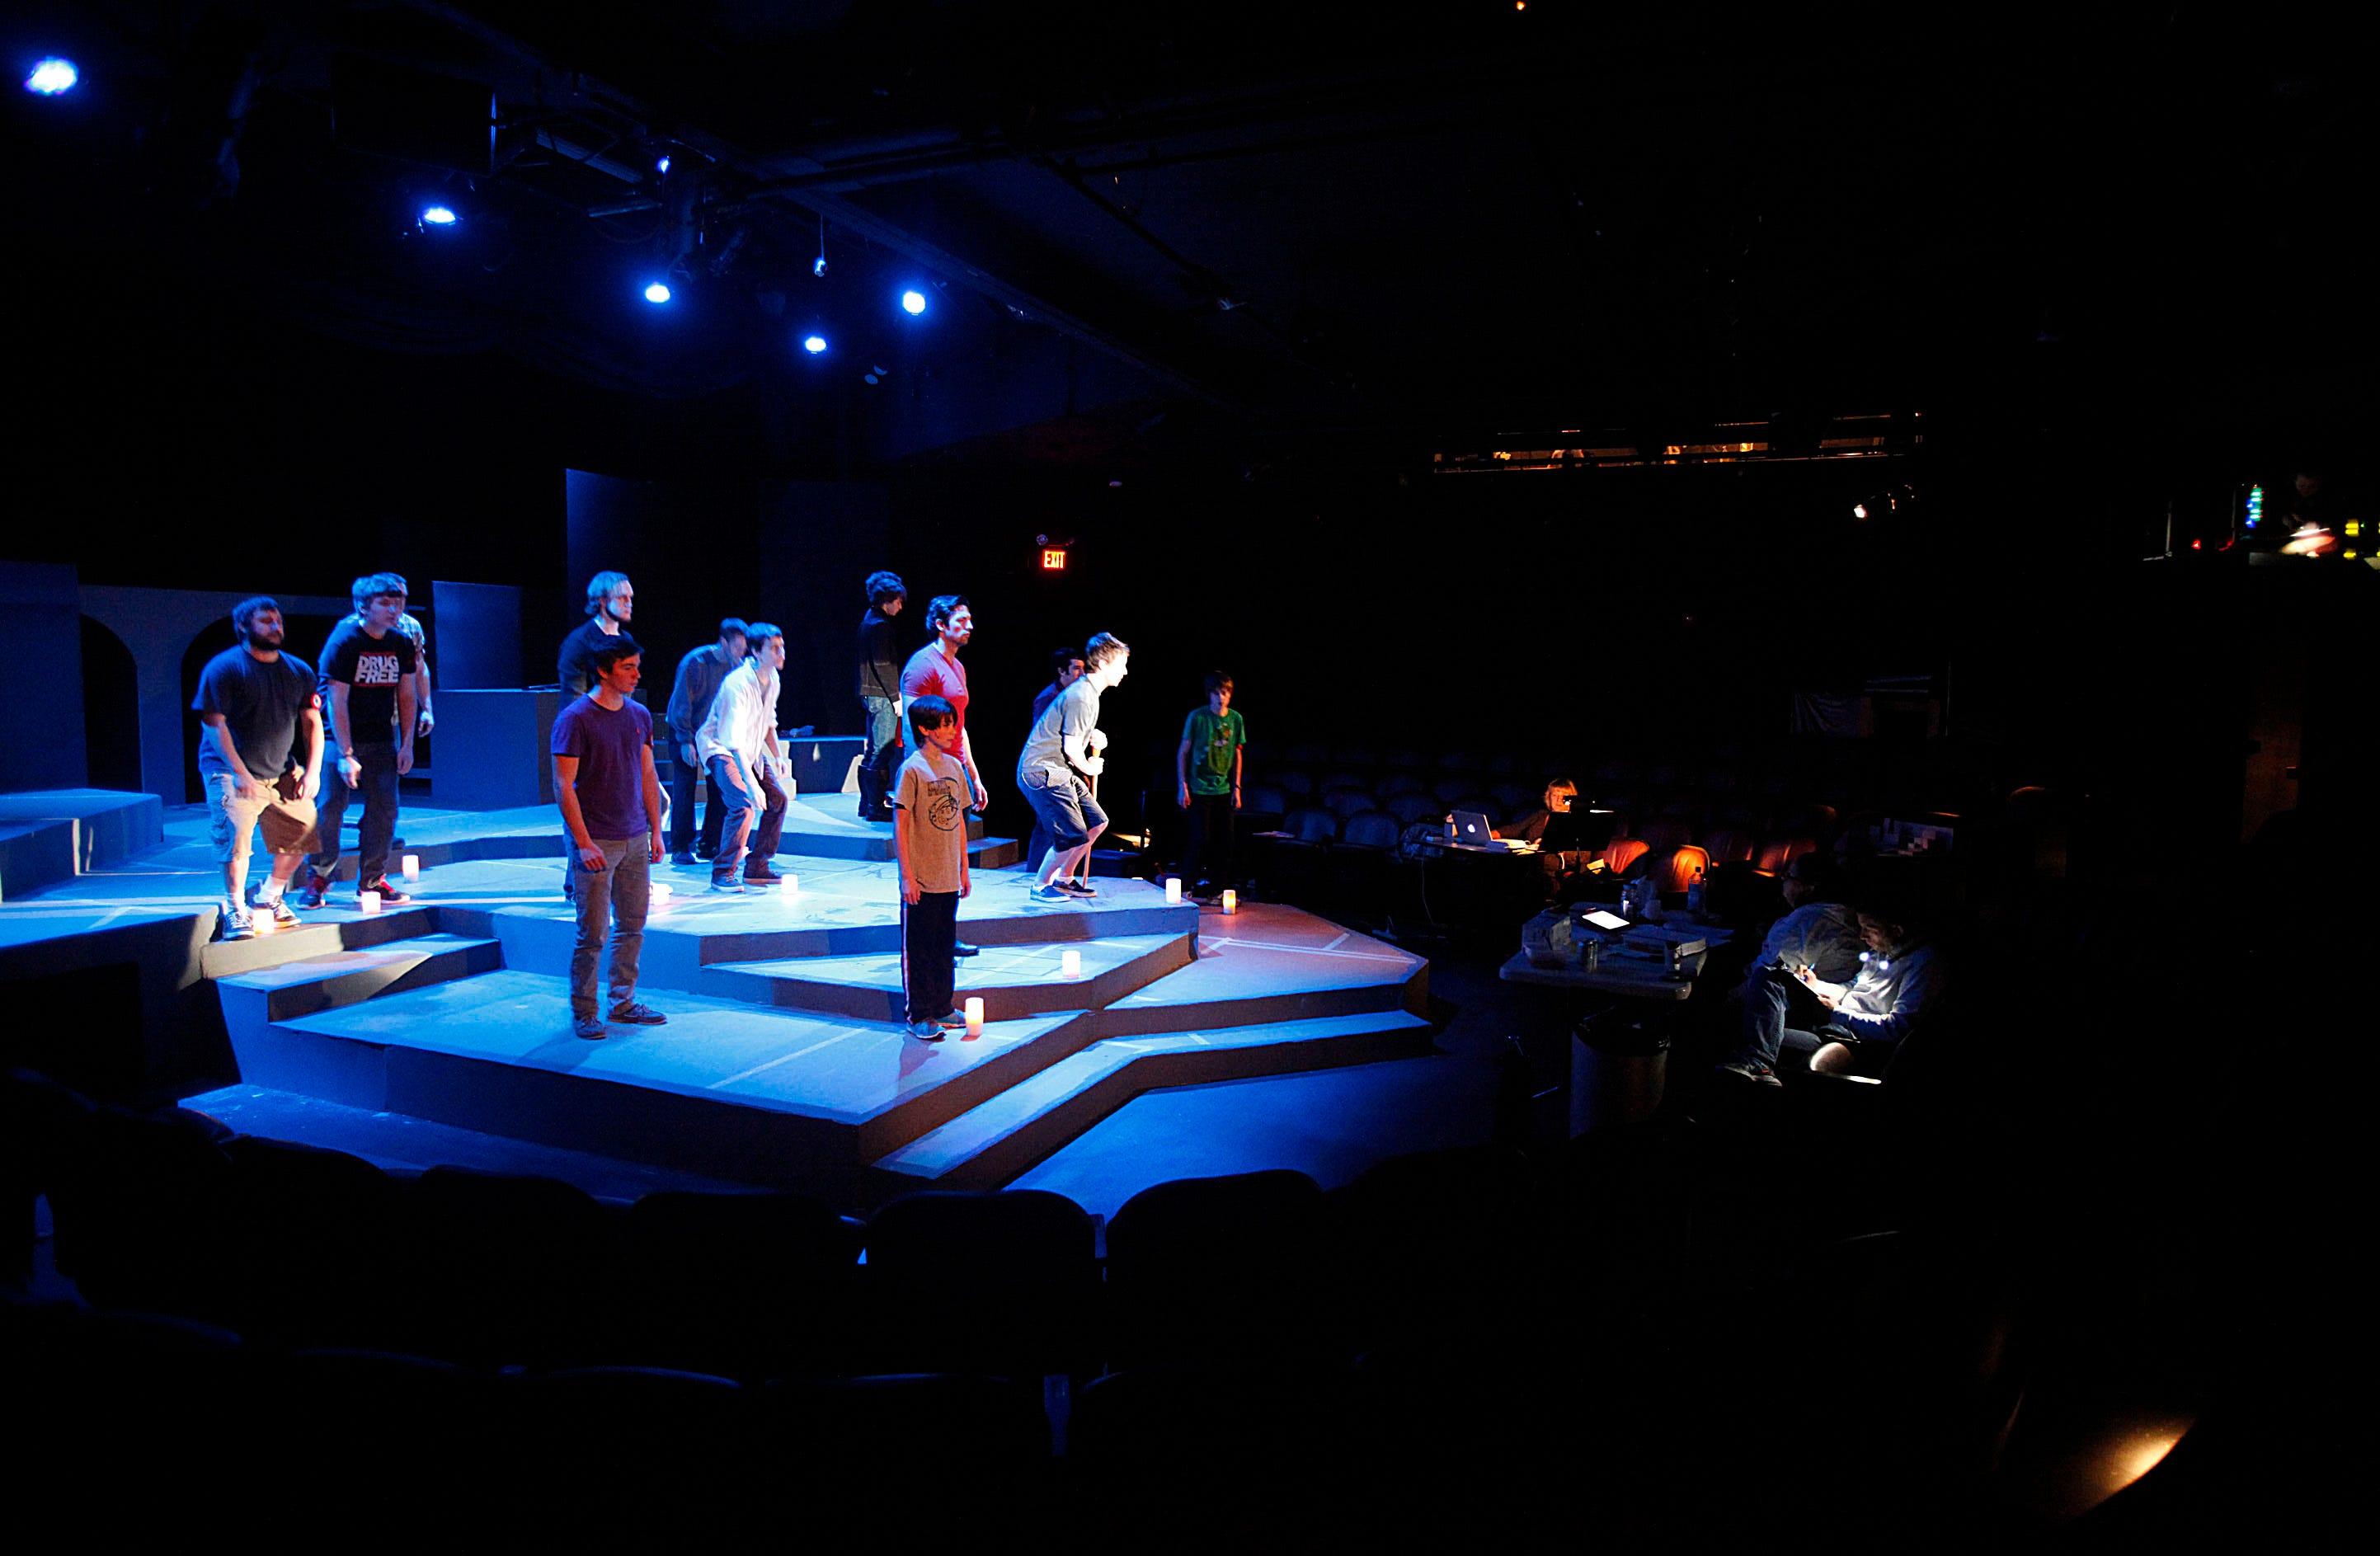 Pentacle theater season tickets